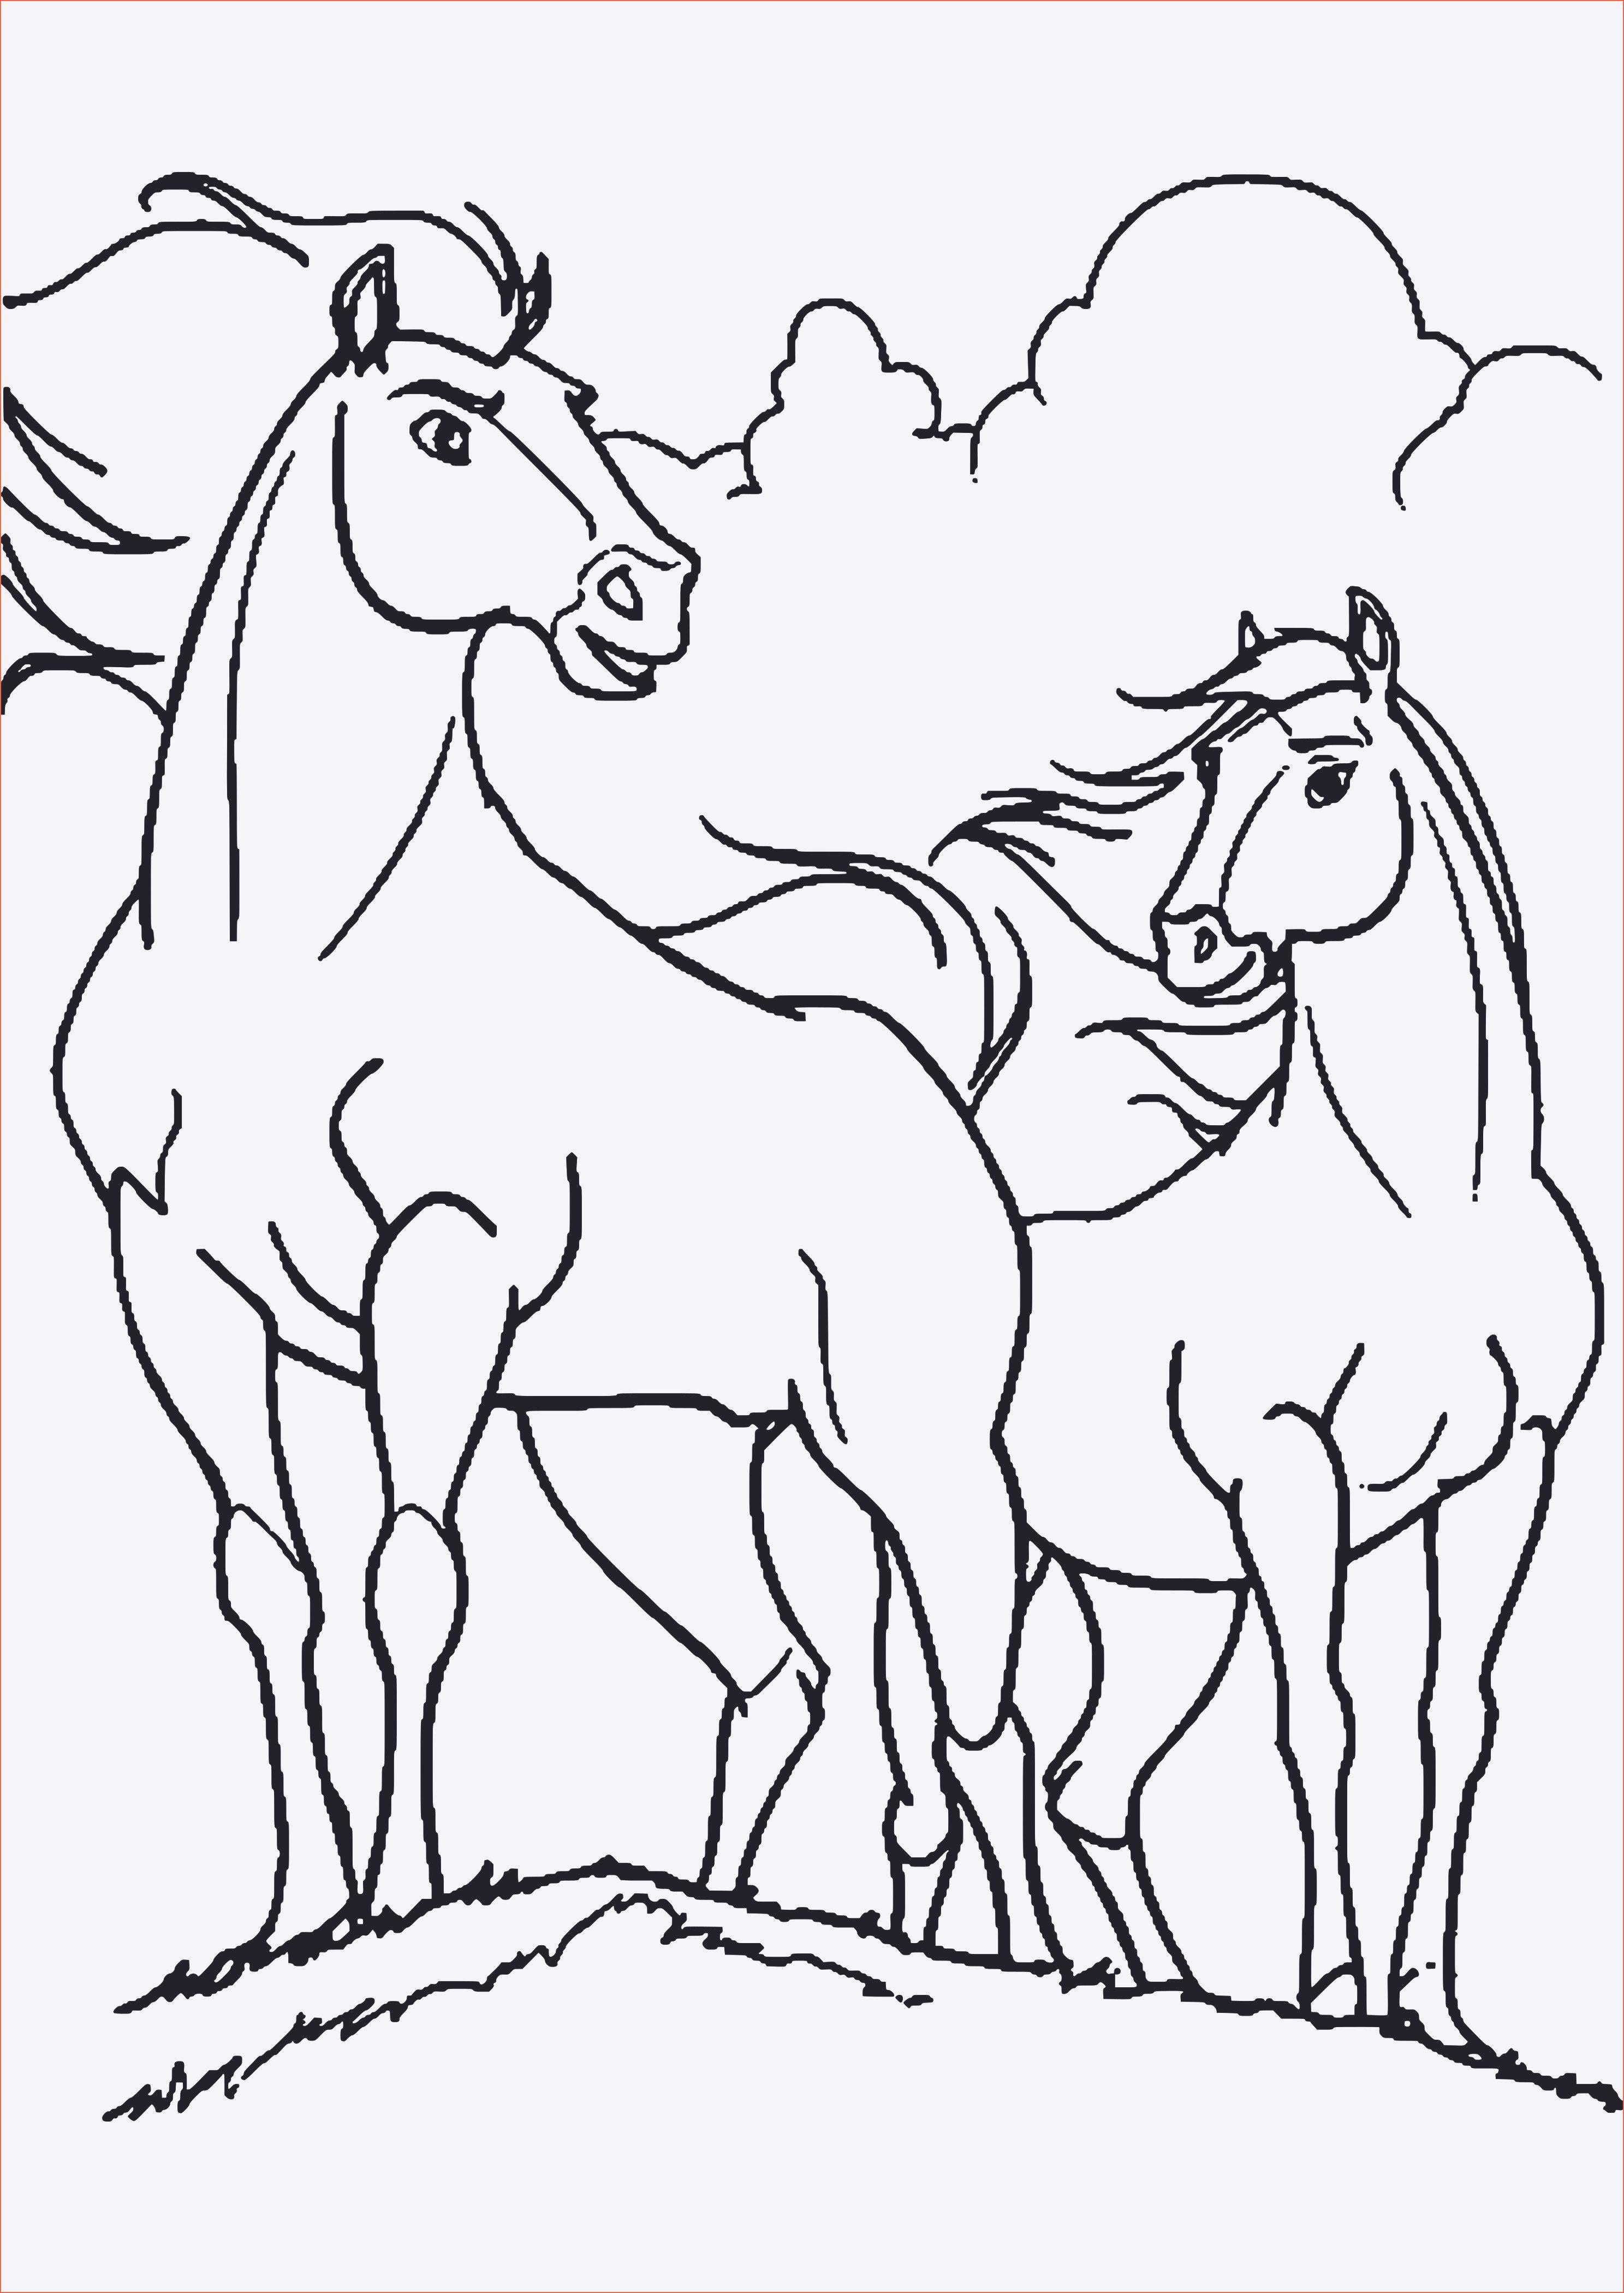 Ausmalbilder Filly Pferde Inspirierend Ausmalbilder Pferde Mit Madchen Neu Ausmalbilder Filly Pferde Das Bild